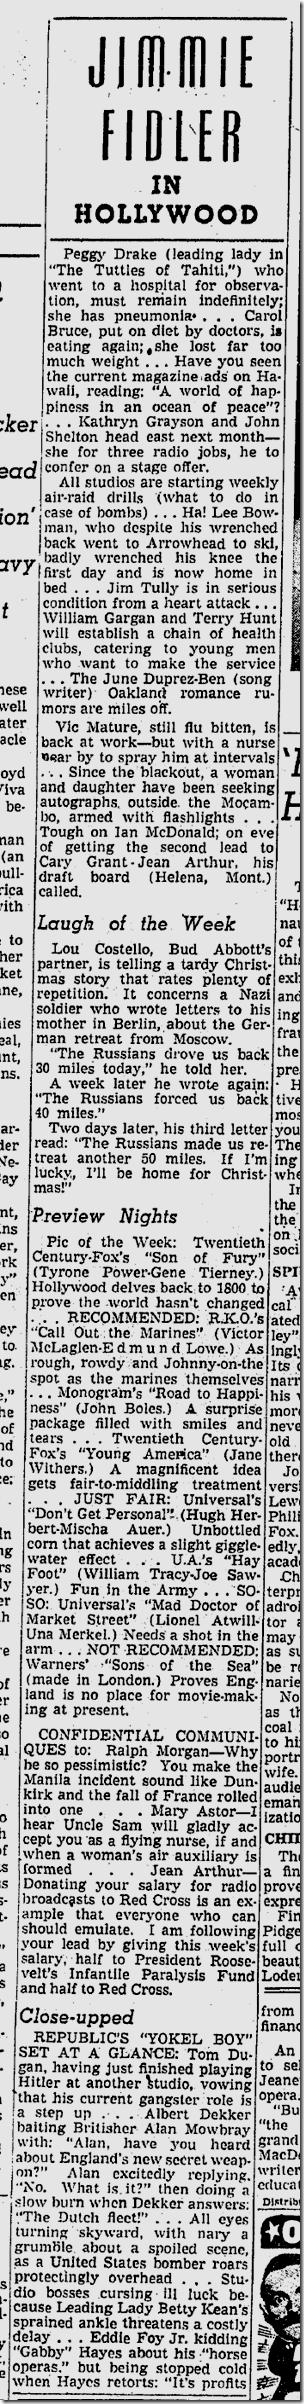 Jan. 10, 1942, Jimmie Fidler